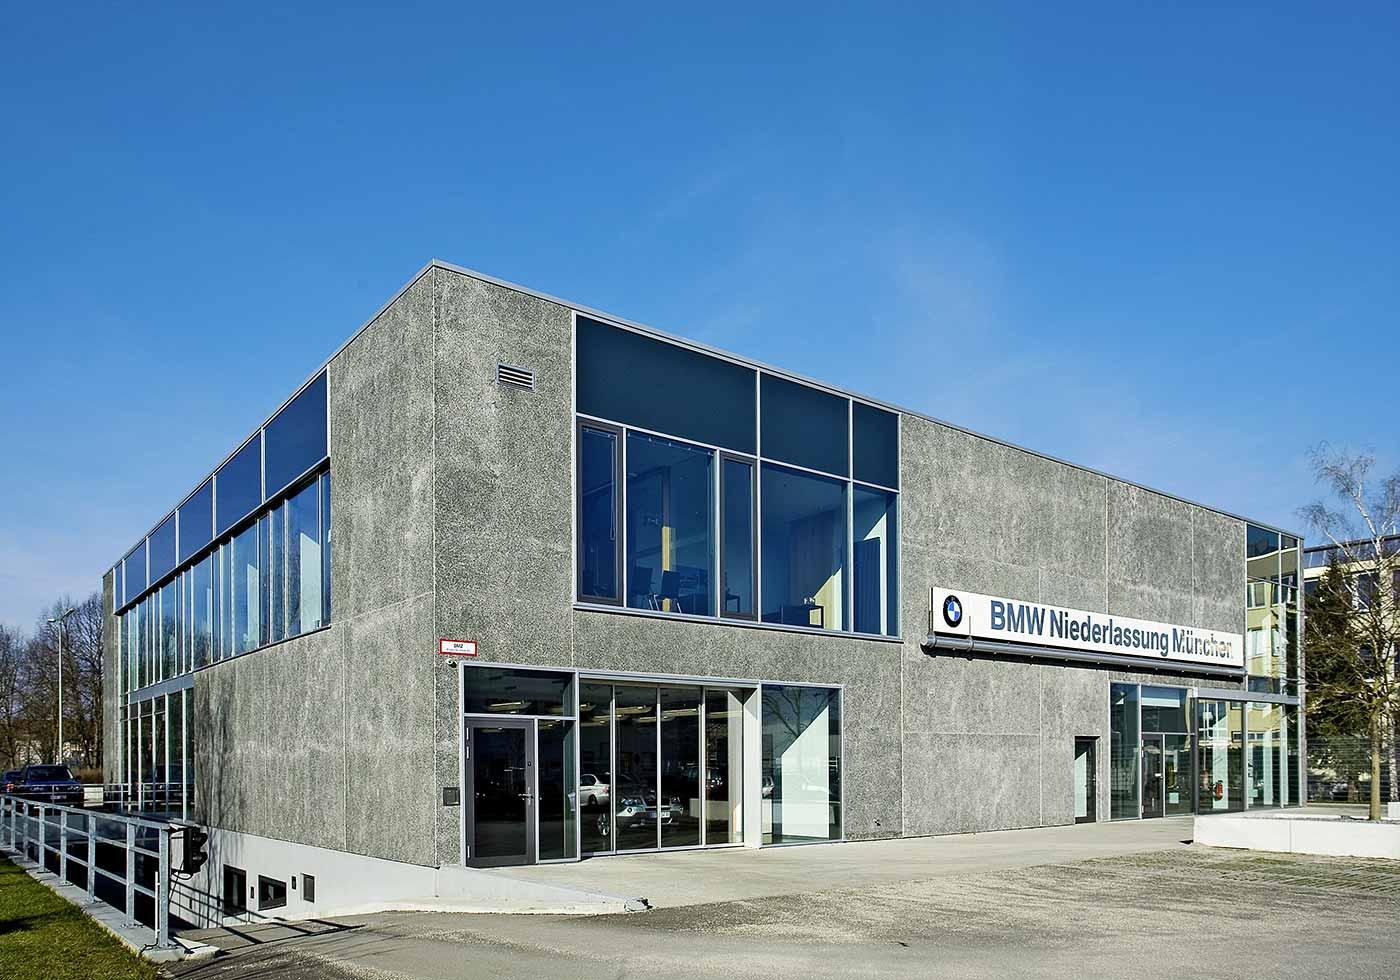 Центр подержанных автомобилей BMW, Мюнхен, Германия